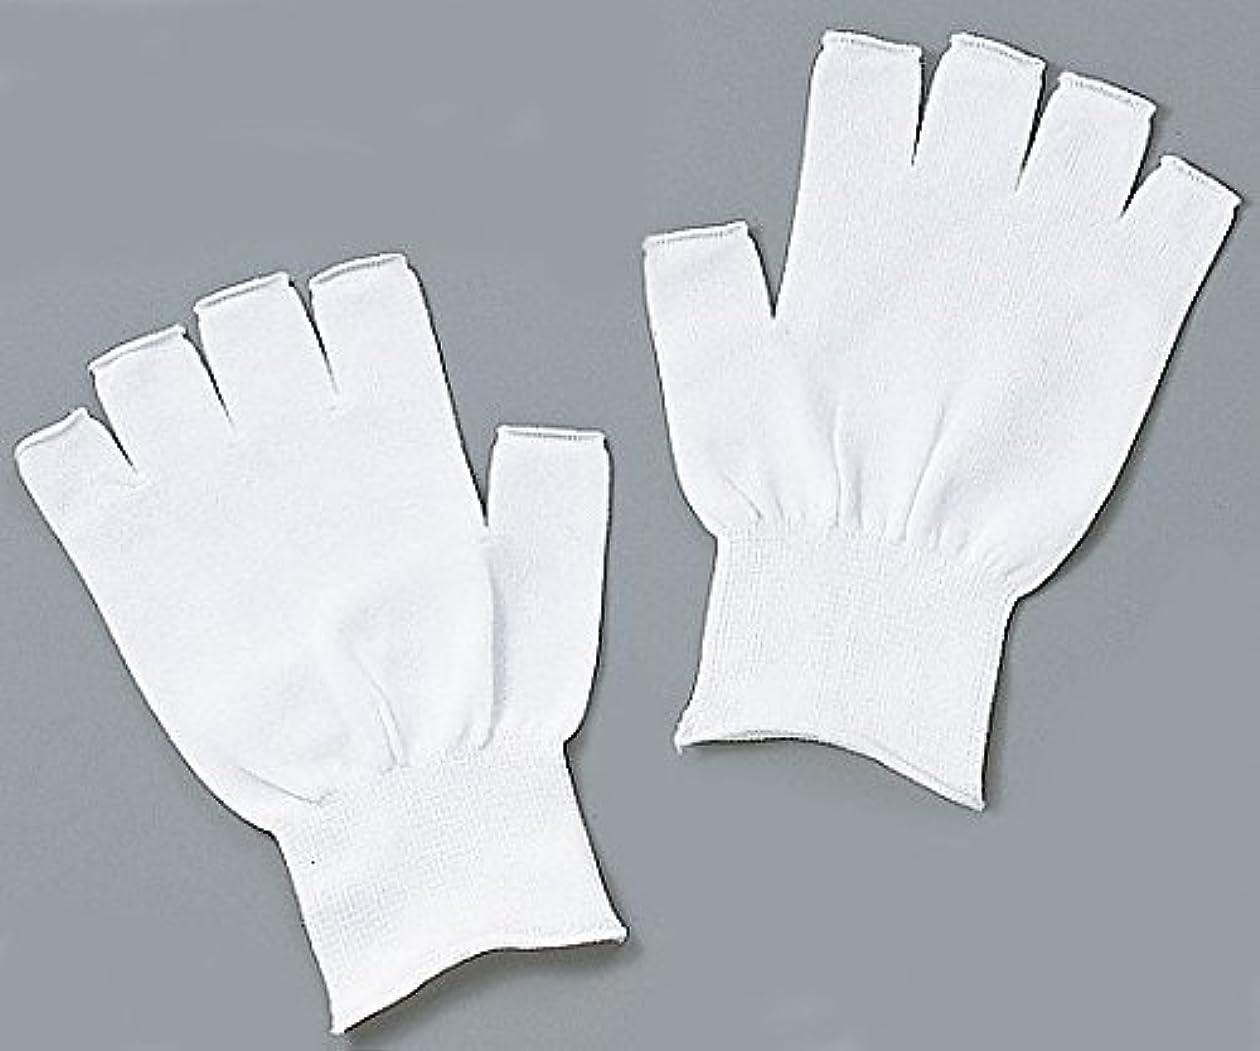 させる人工的な確かにアズピュア(アズワン)1-4293-01アズピュアインナー手袋指先無しフリー10双20枚